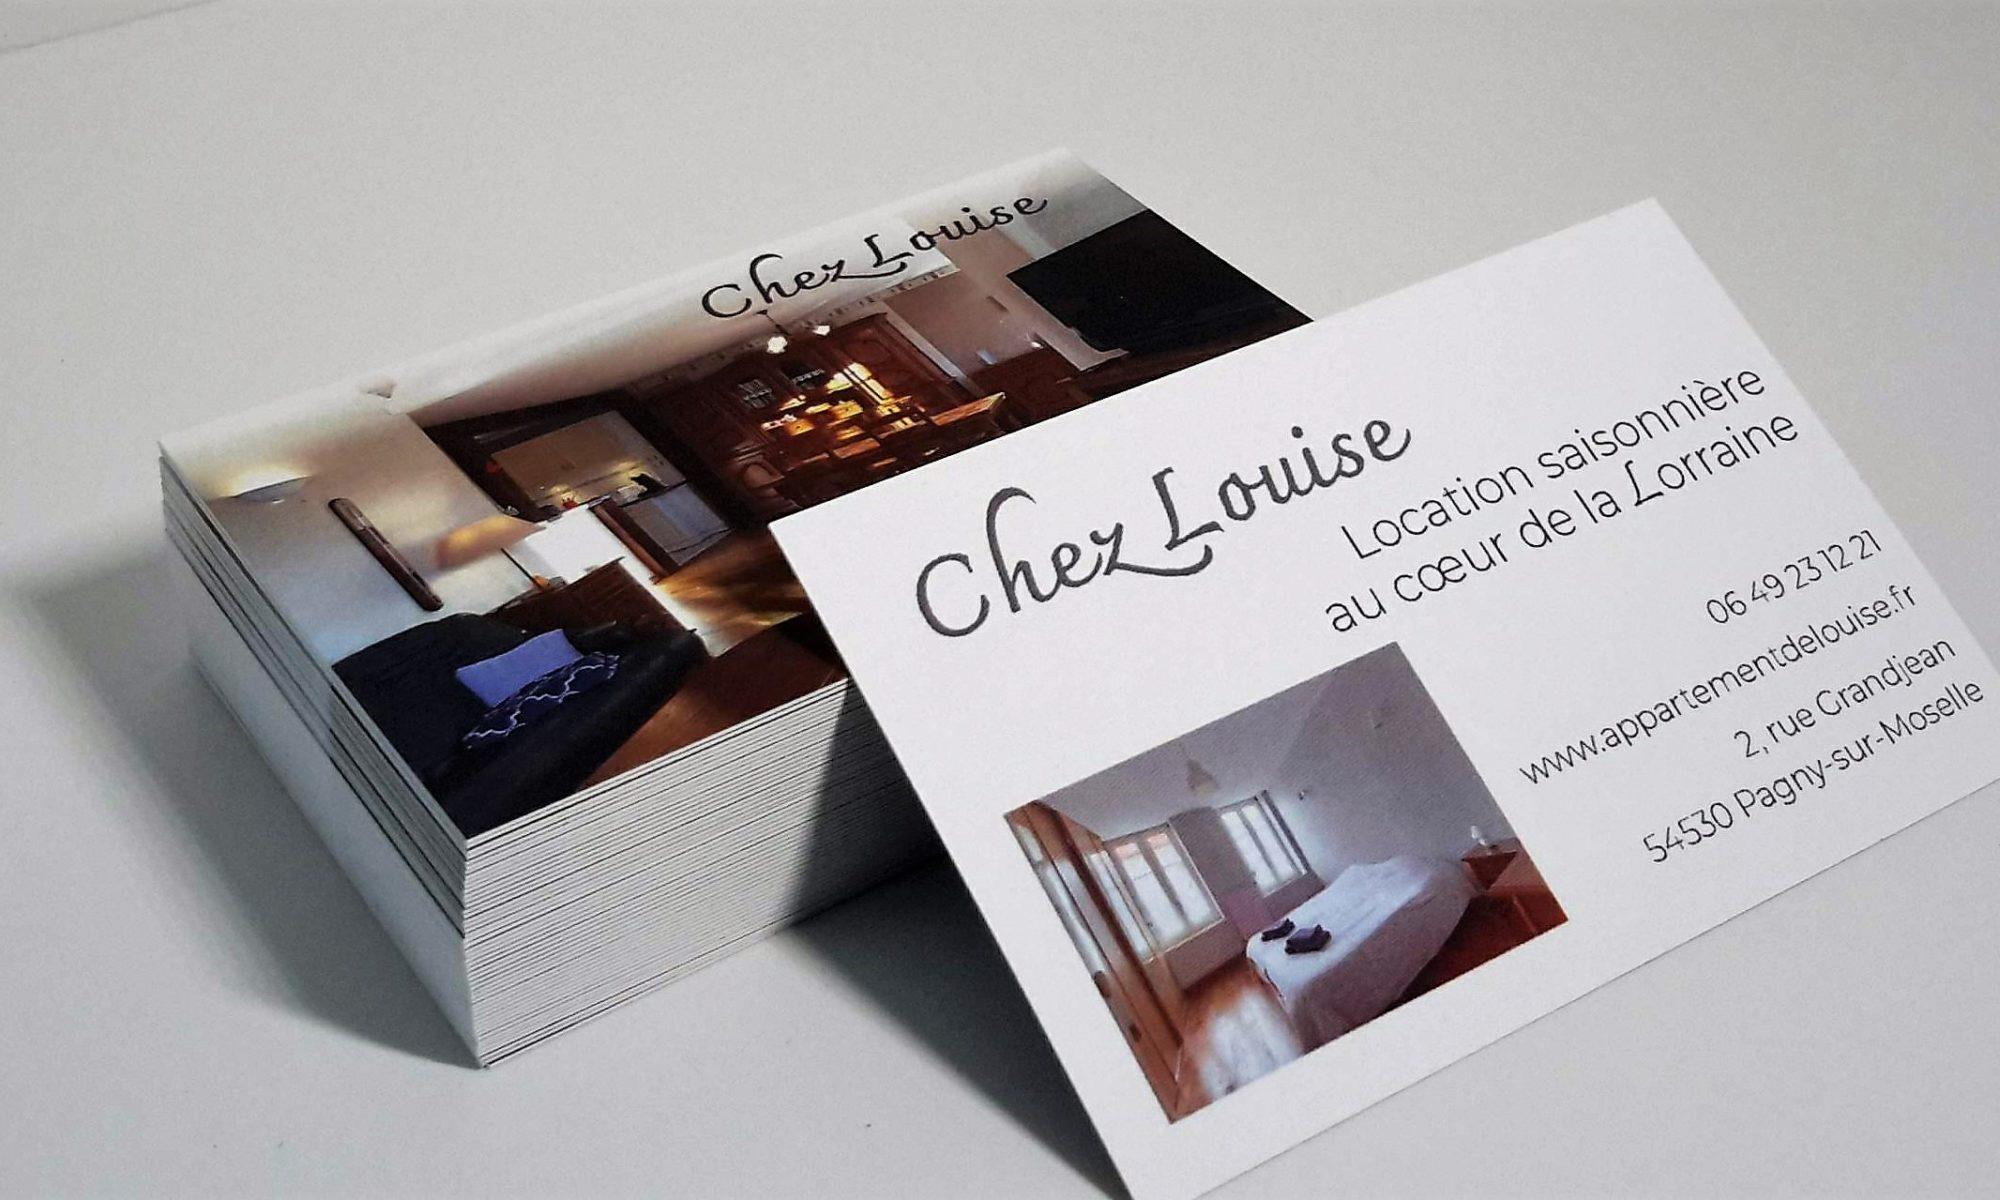 Appartement Chez Louise : une carte de visite pour communiquer efficacement